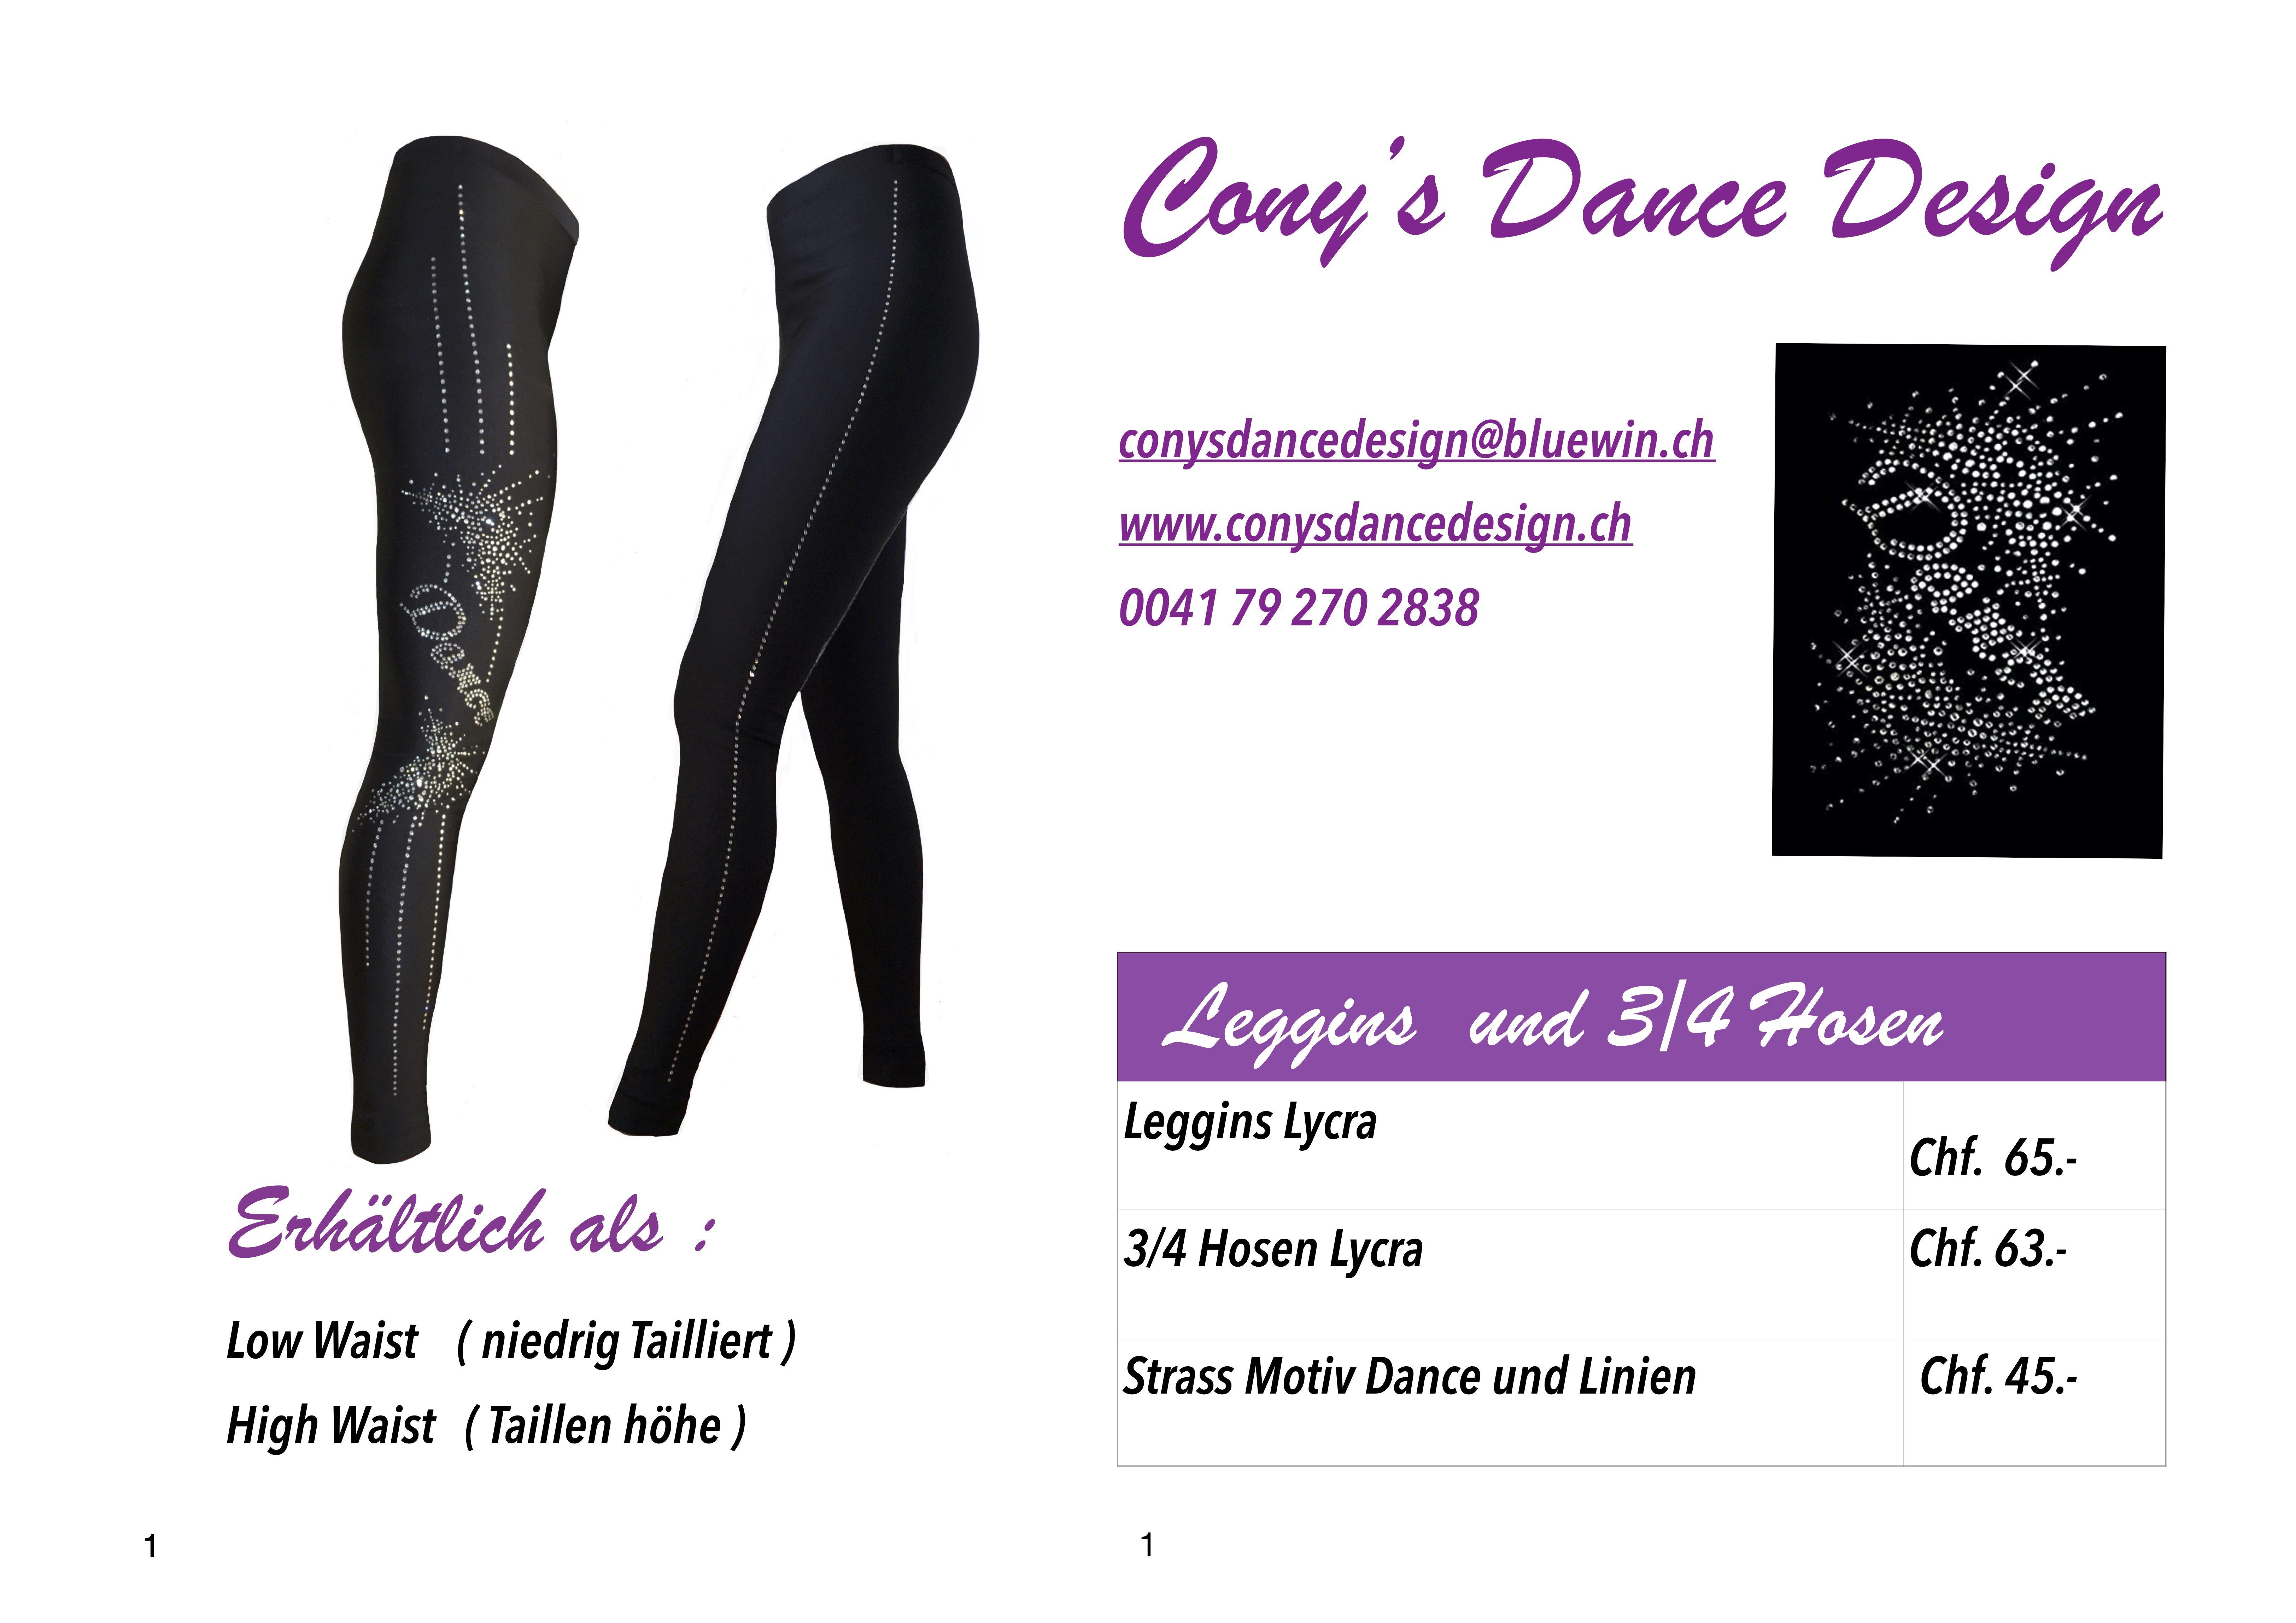 Schwarze Lycra Leggins oder 3/4 Hose , mit Strass Motiv Dance , aus Kristall silber und  Strass Streifen . 100% Made in Switzerland von Cony's Dance Design .